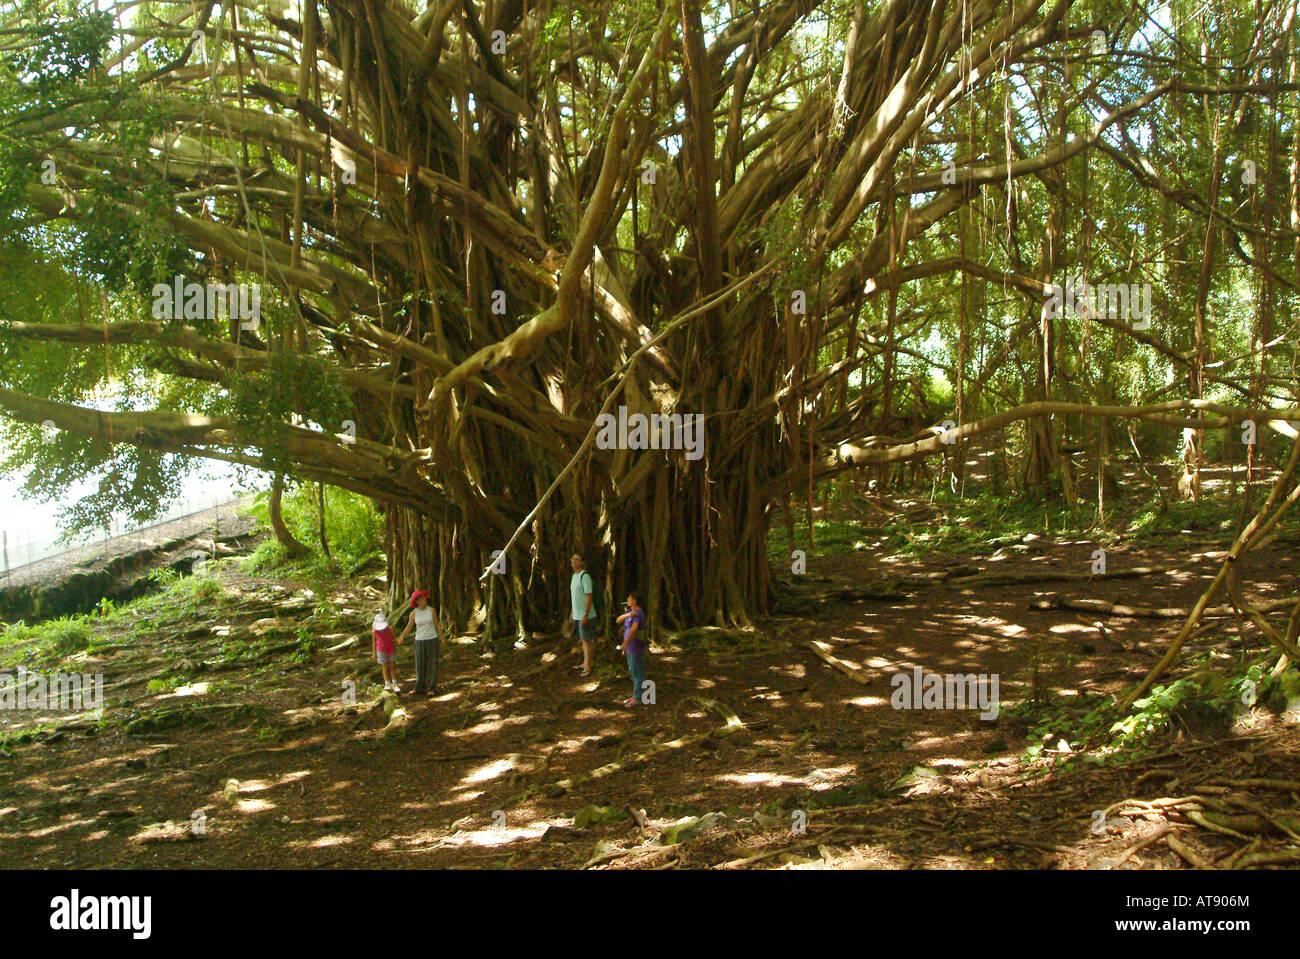 Muy grande cerca de Banyan tree Anuenue cae en Hilo. Nombre en latín: Ficus benghalensis Foto de stock